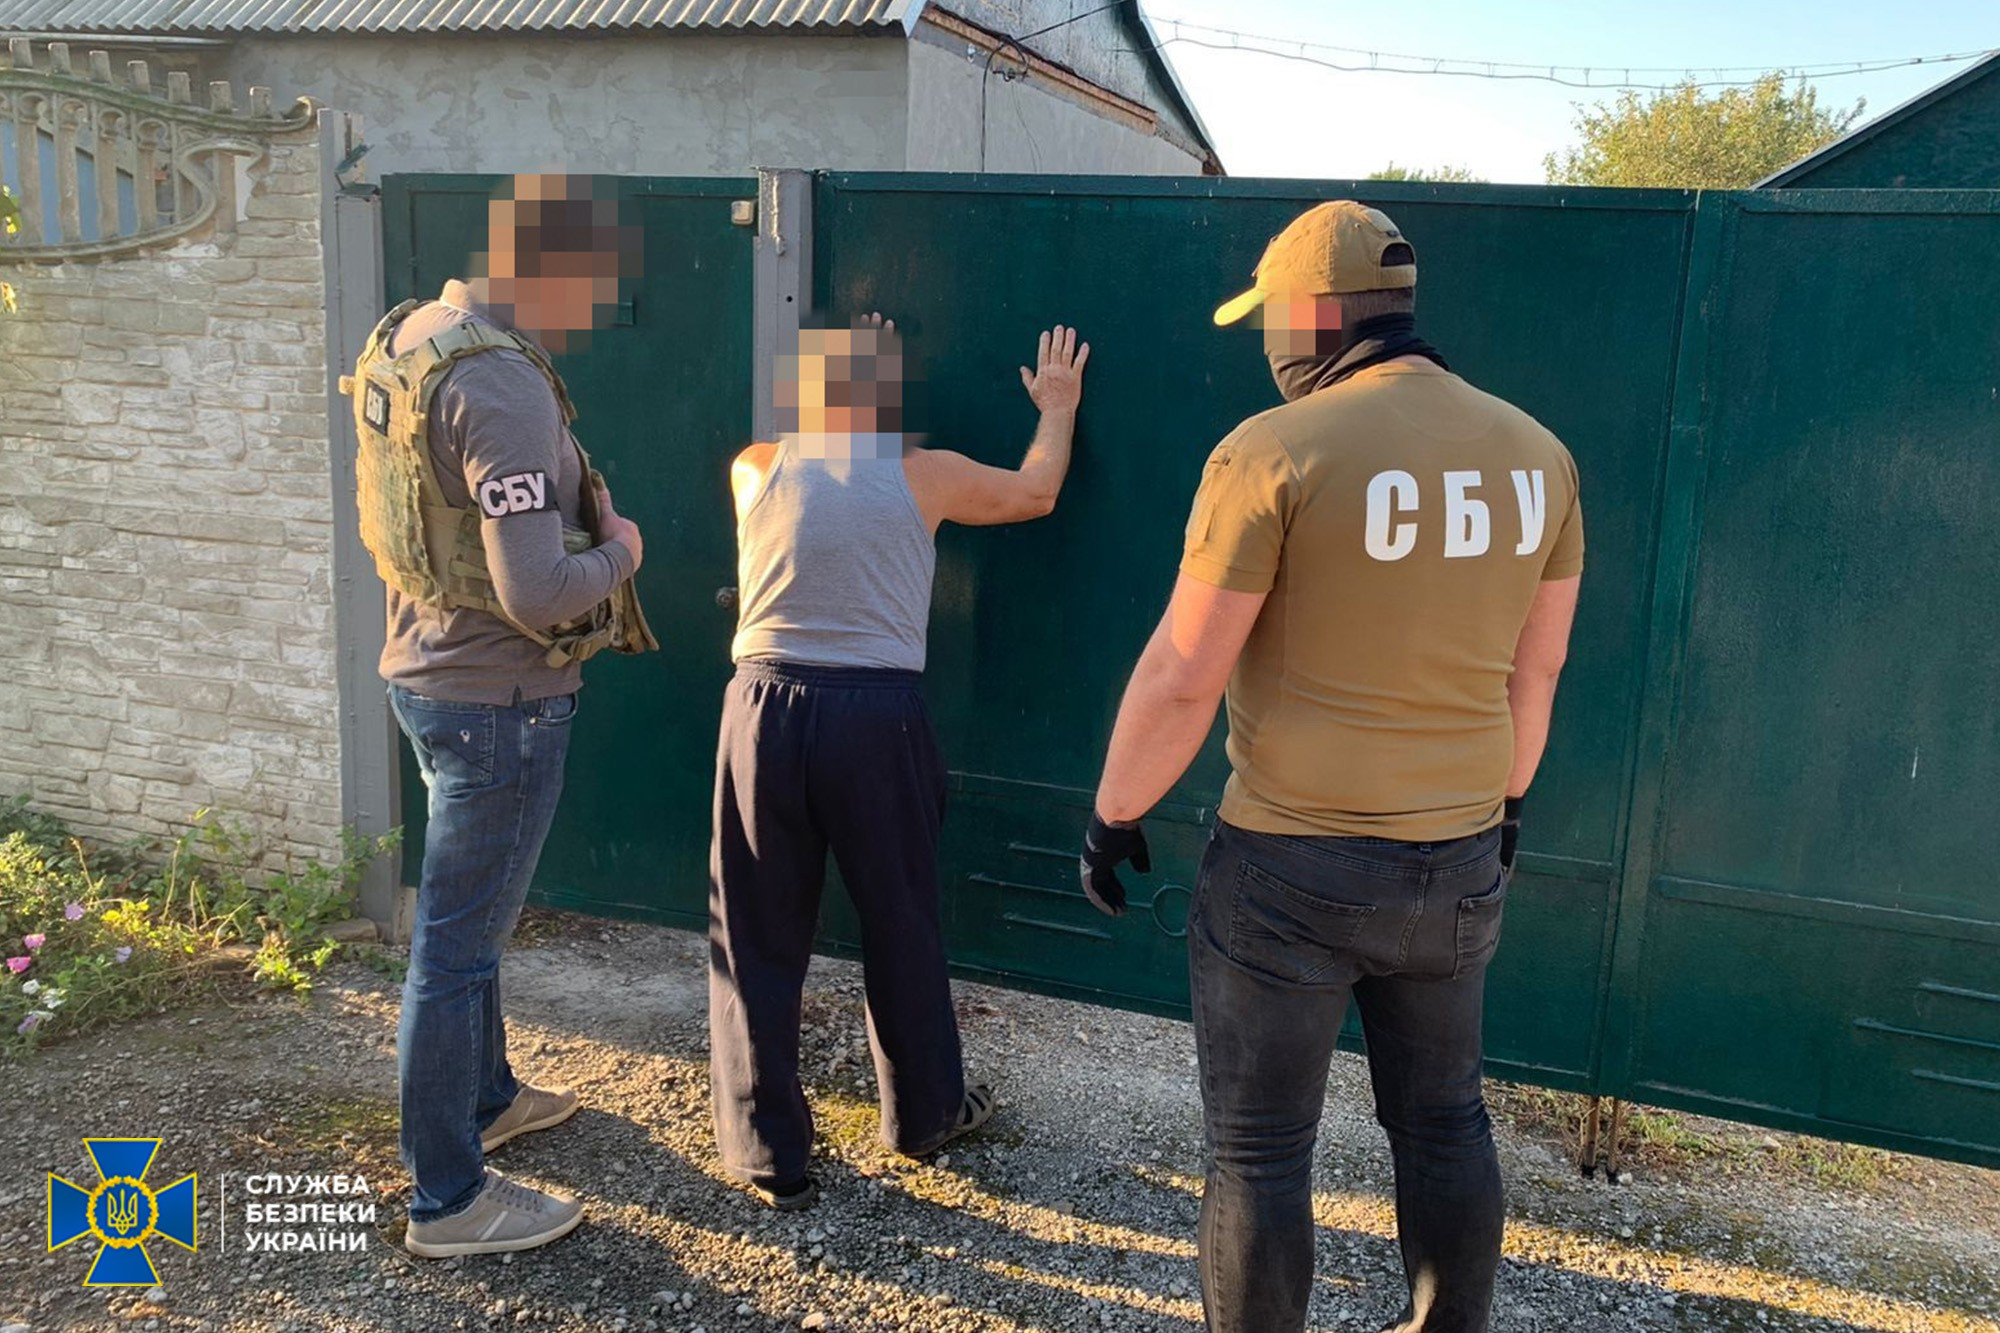 Контррозвідка СБУ затримала екскомандира мотострілецького взводу окупантів